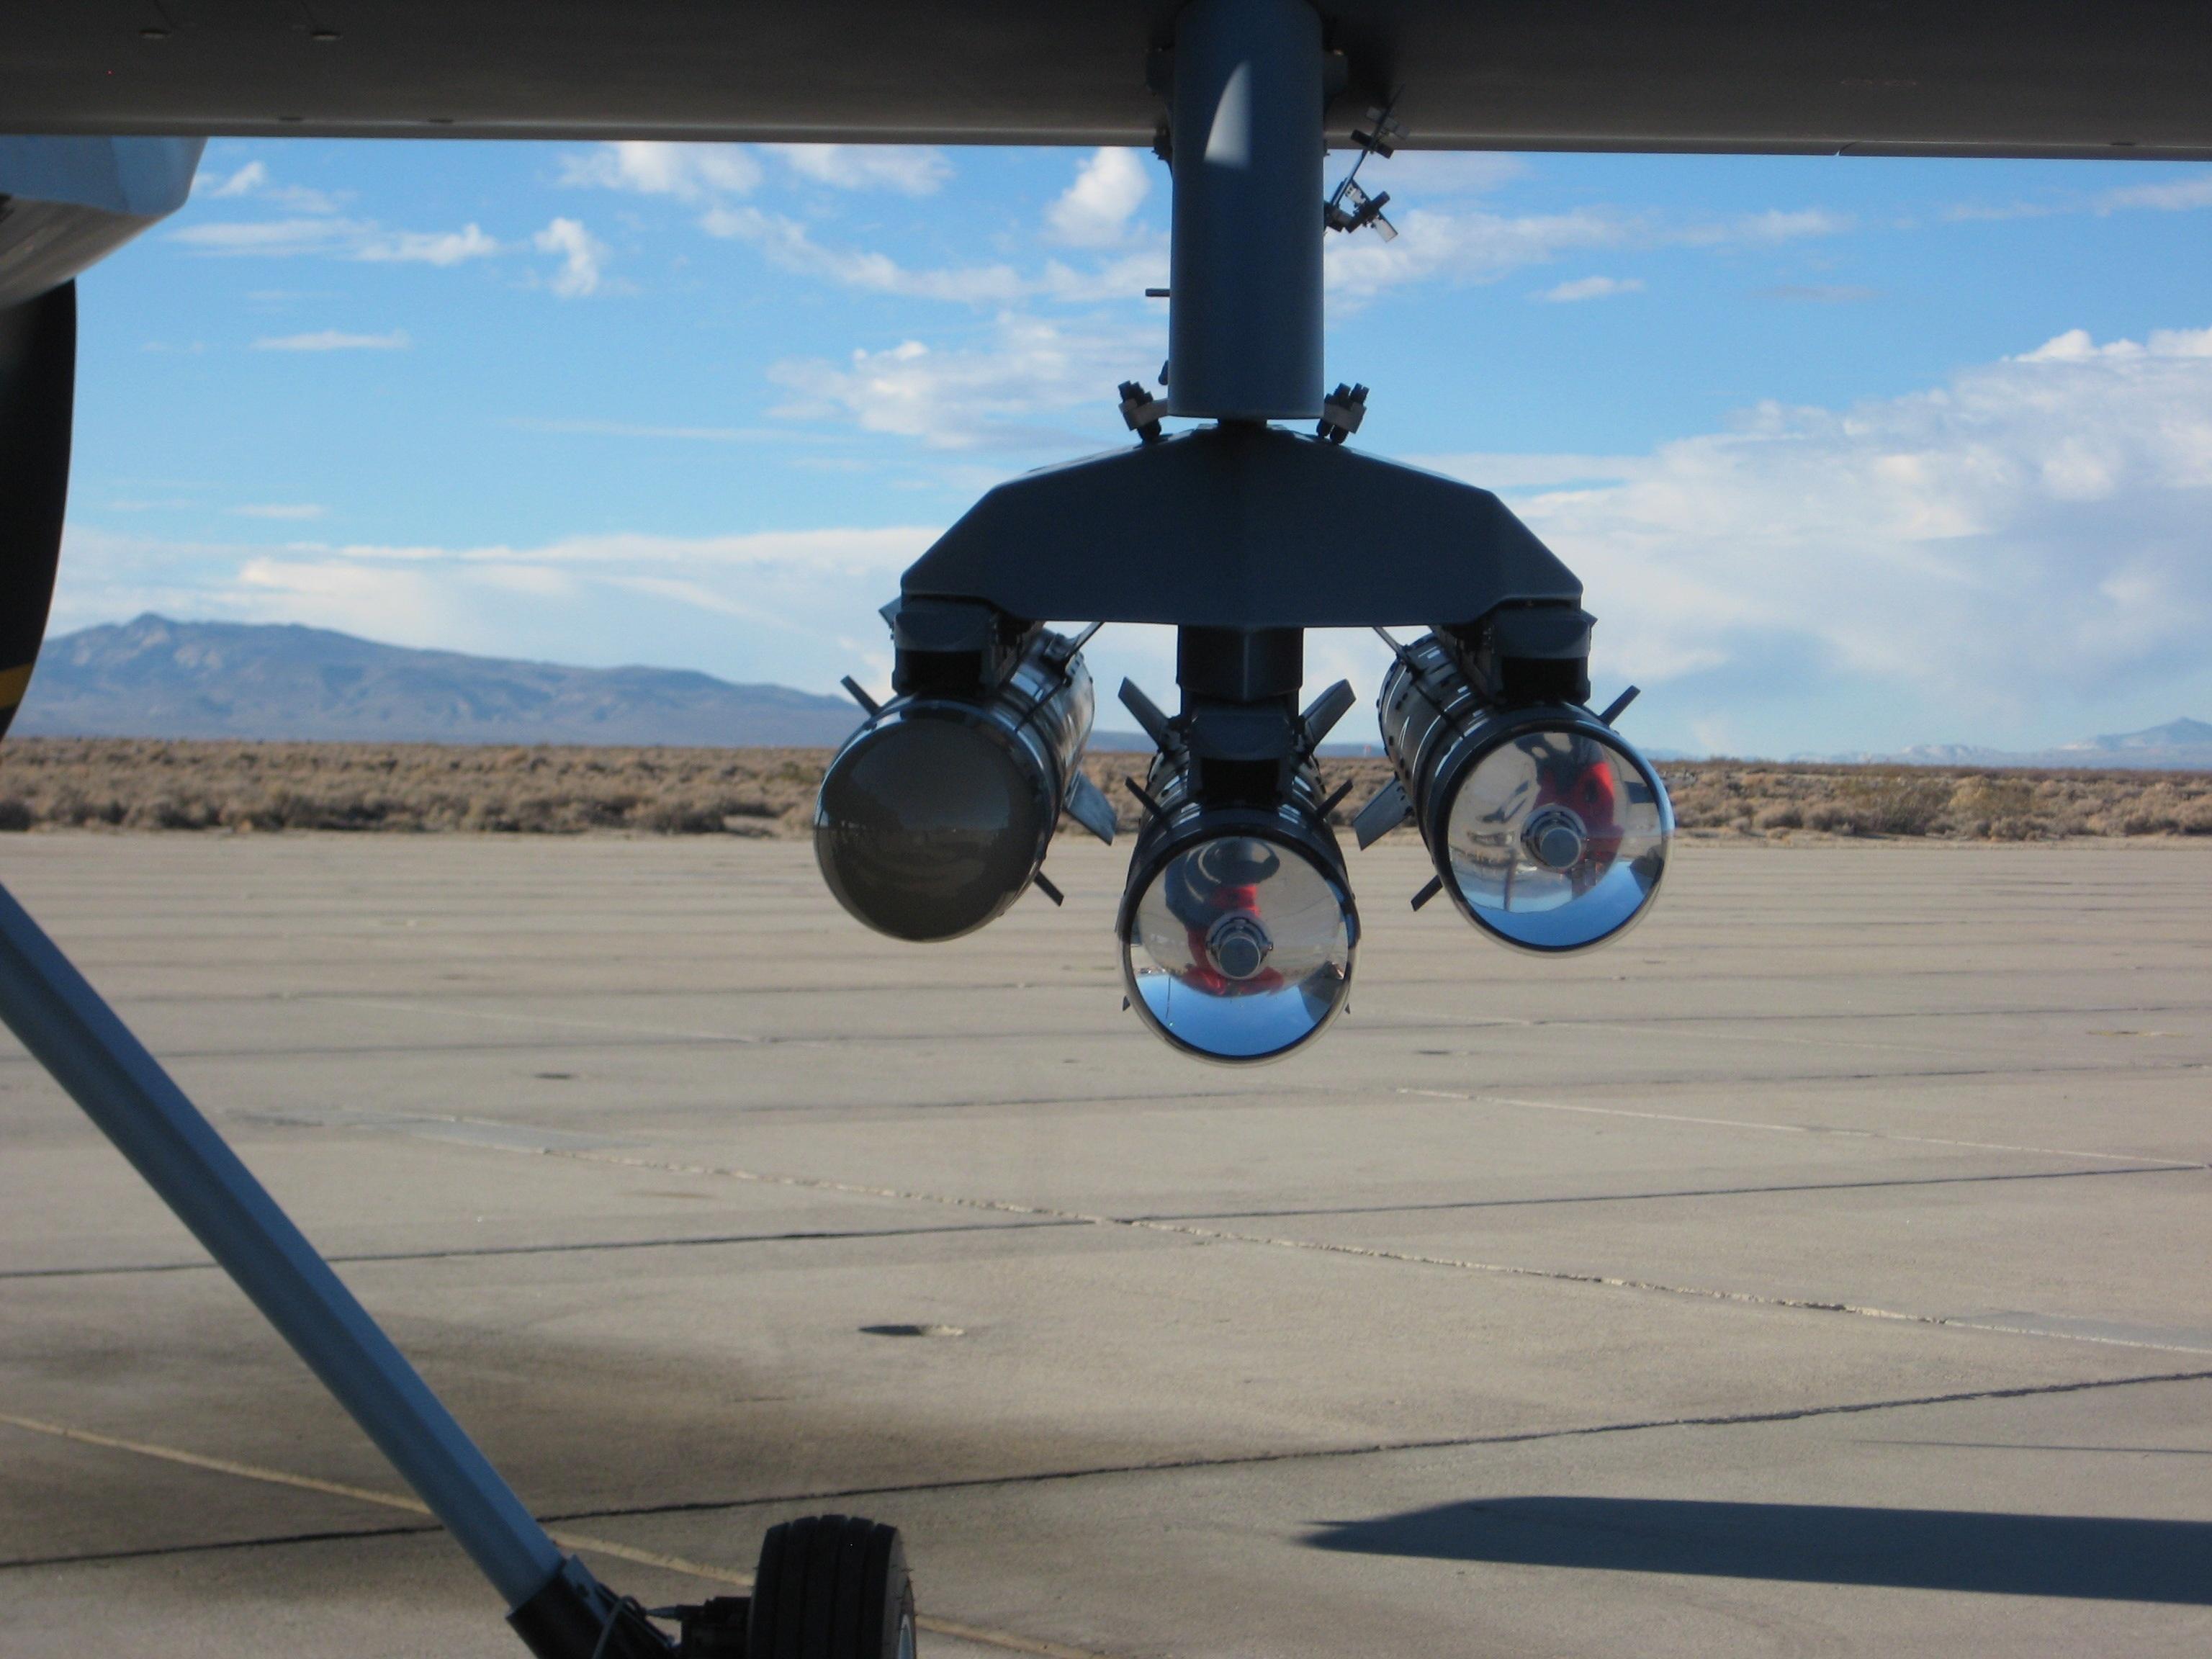 BRIMSTONE MBDA Reaper Drone DBM